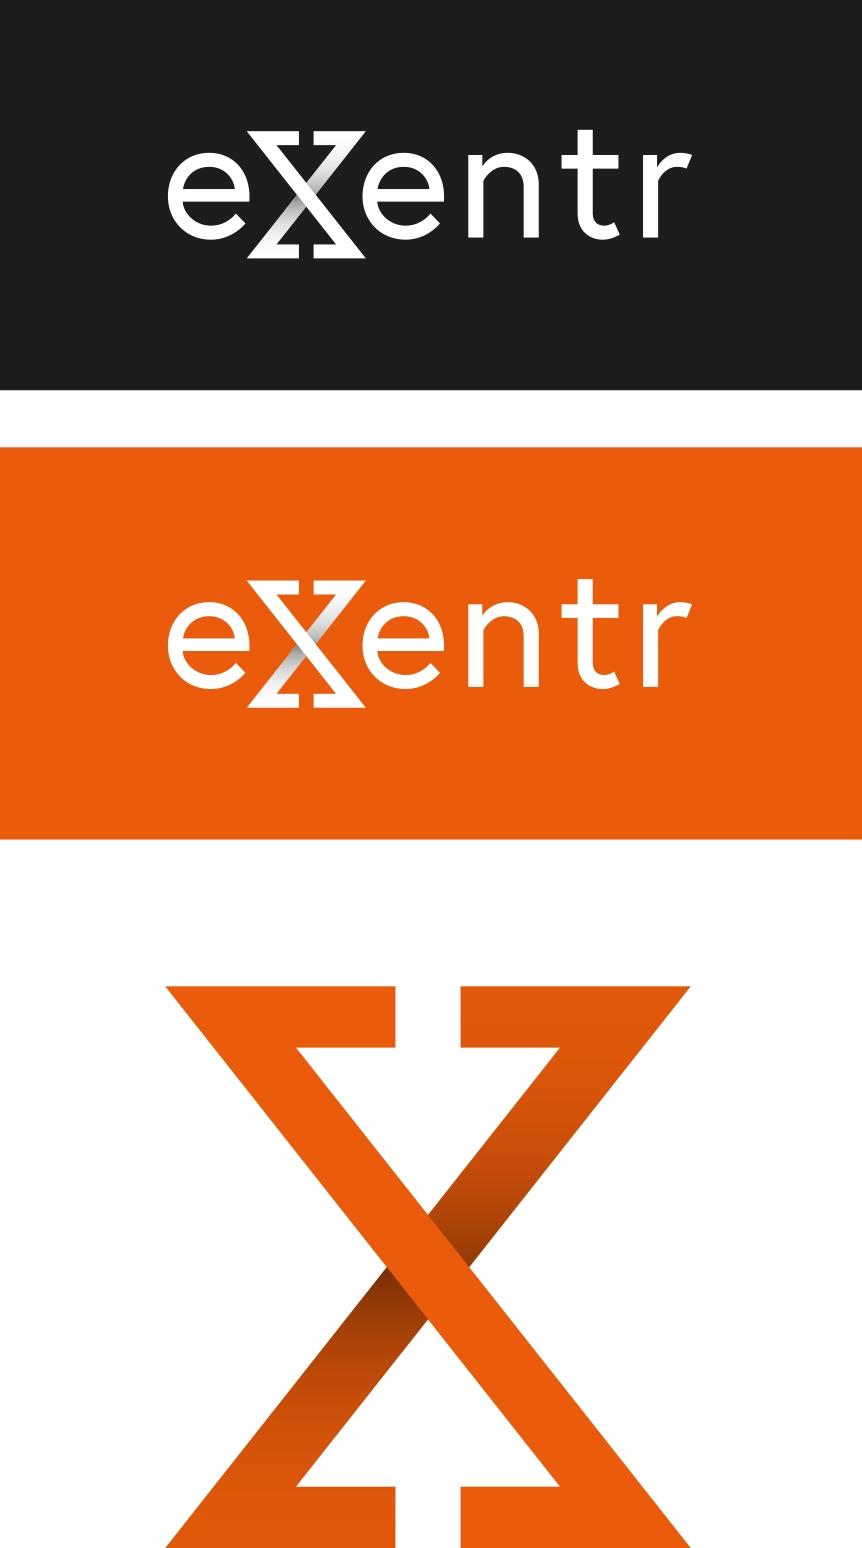 exentr logo